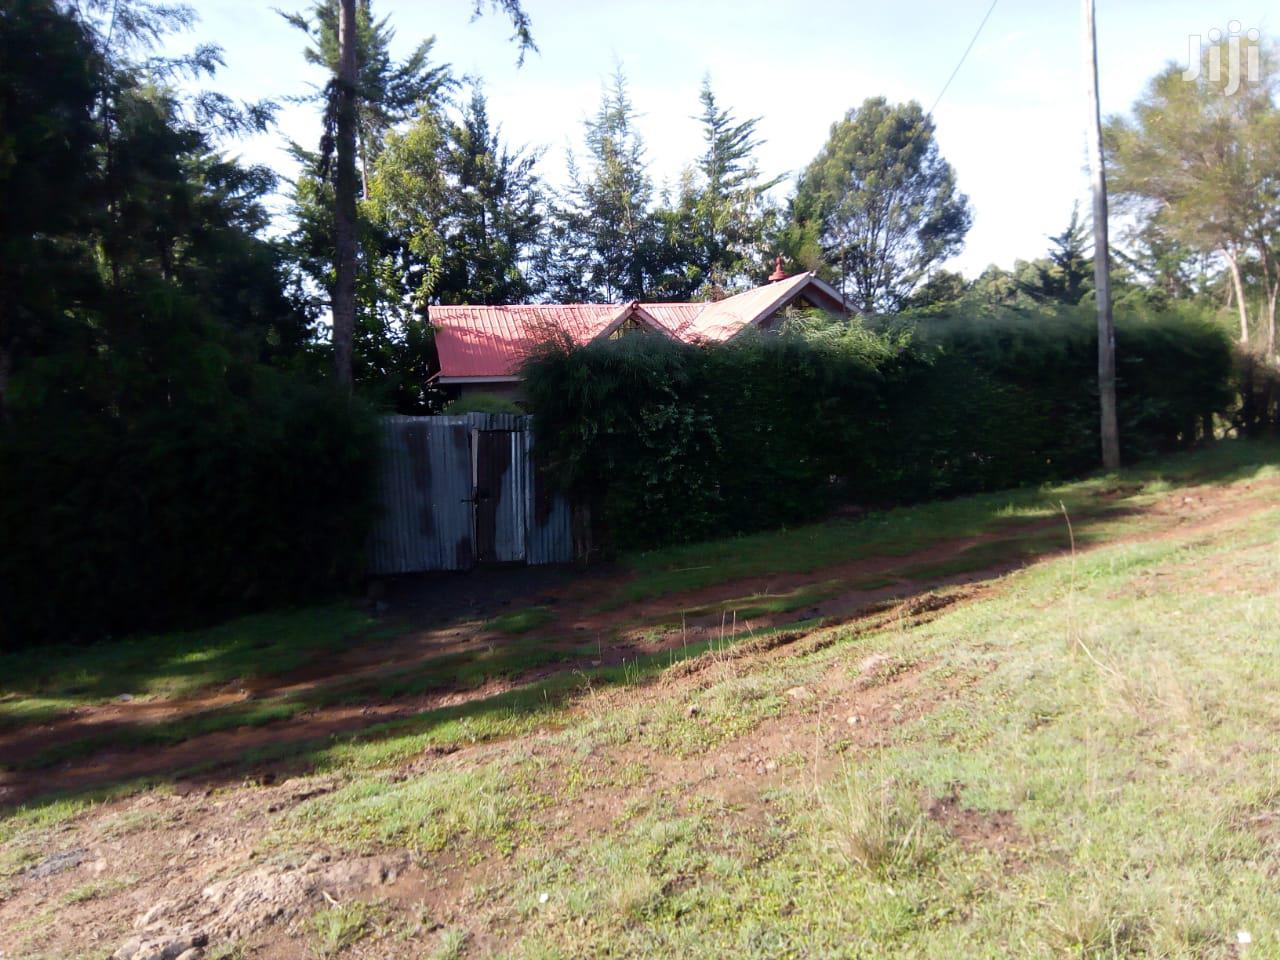 2 Bedroom Bungalow 4 Sale in Runda Nyahururu | Houses & Apartments For Sale for sale in Gatimu, Nyandarua, Kenya